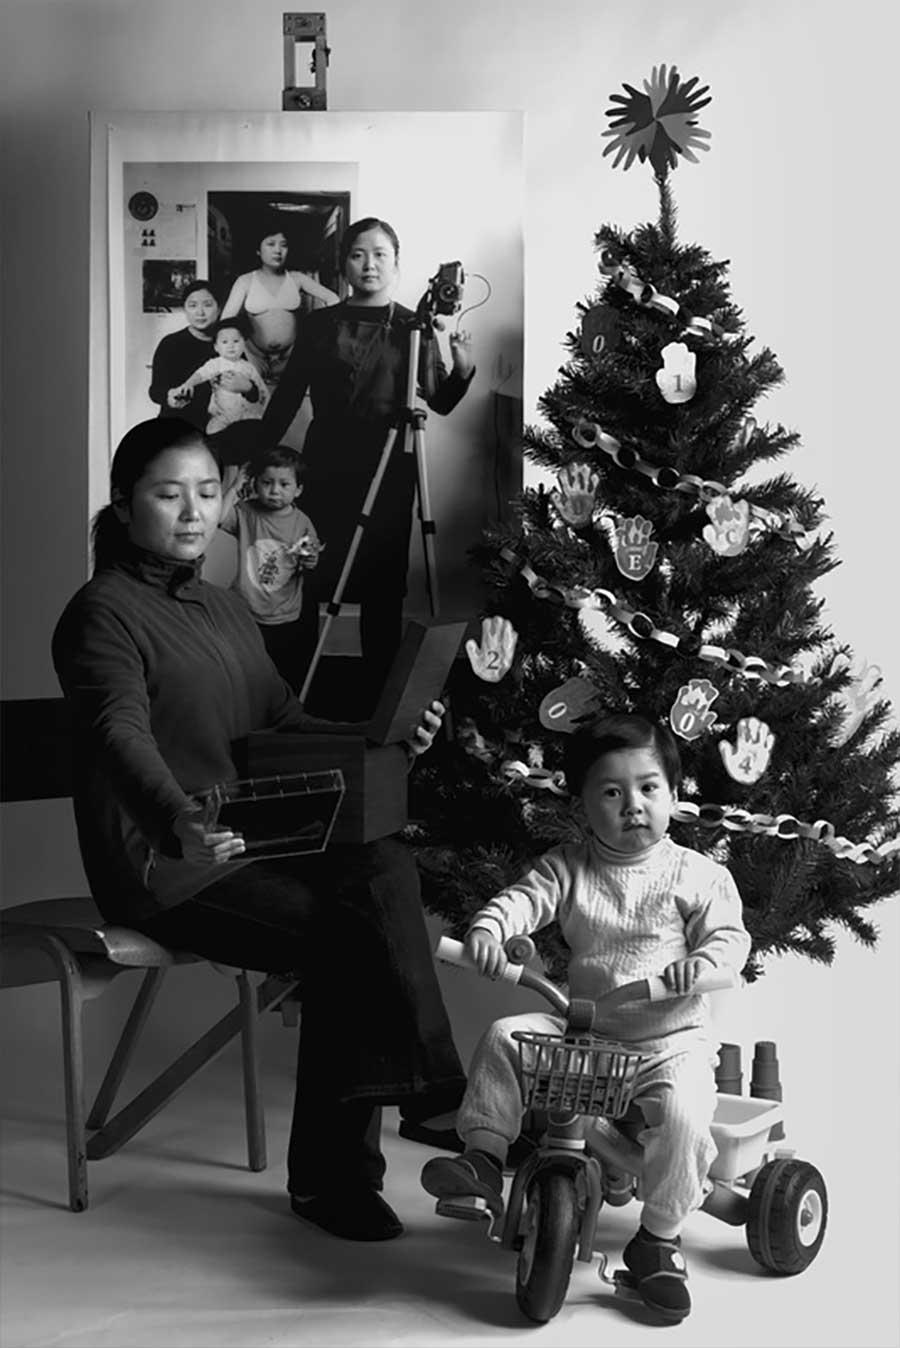 Mutter fügt 17 Jahre Bildebenen hinzu, die Sohn aufwachsen zeigen mutter-17-jahre-foto-in-foto_05